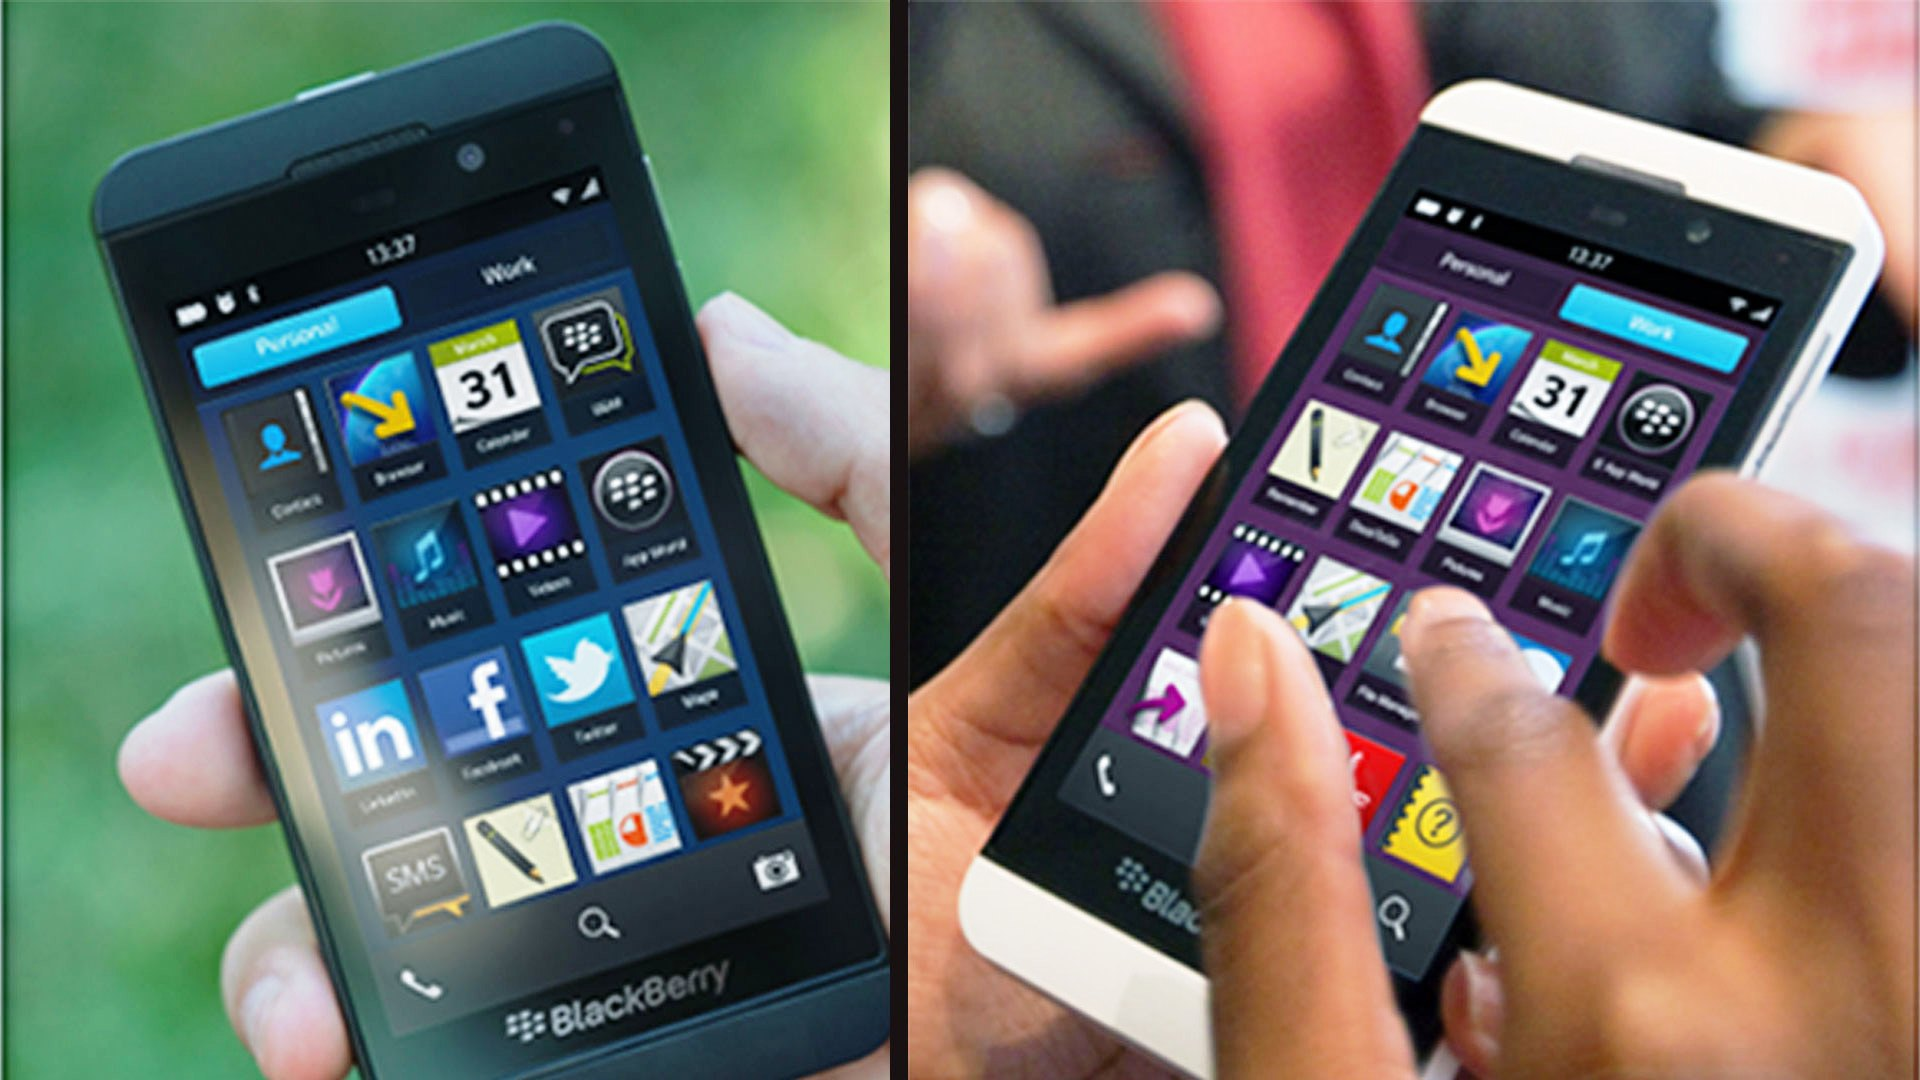 BlackBerry Z10 L series wallpapers ImageBankbiz 1920x1080